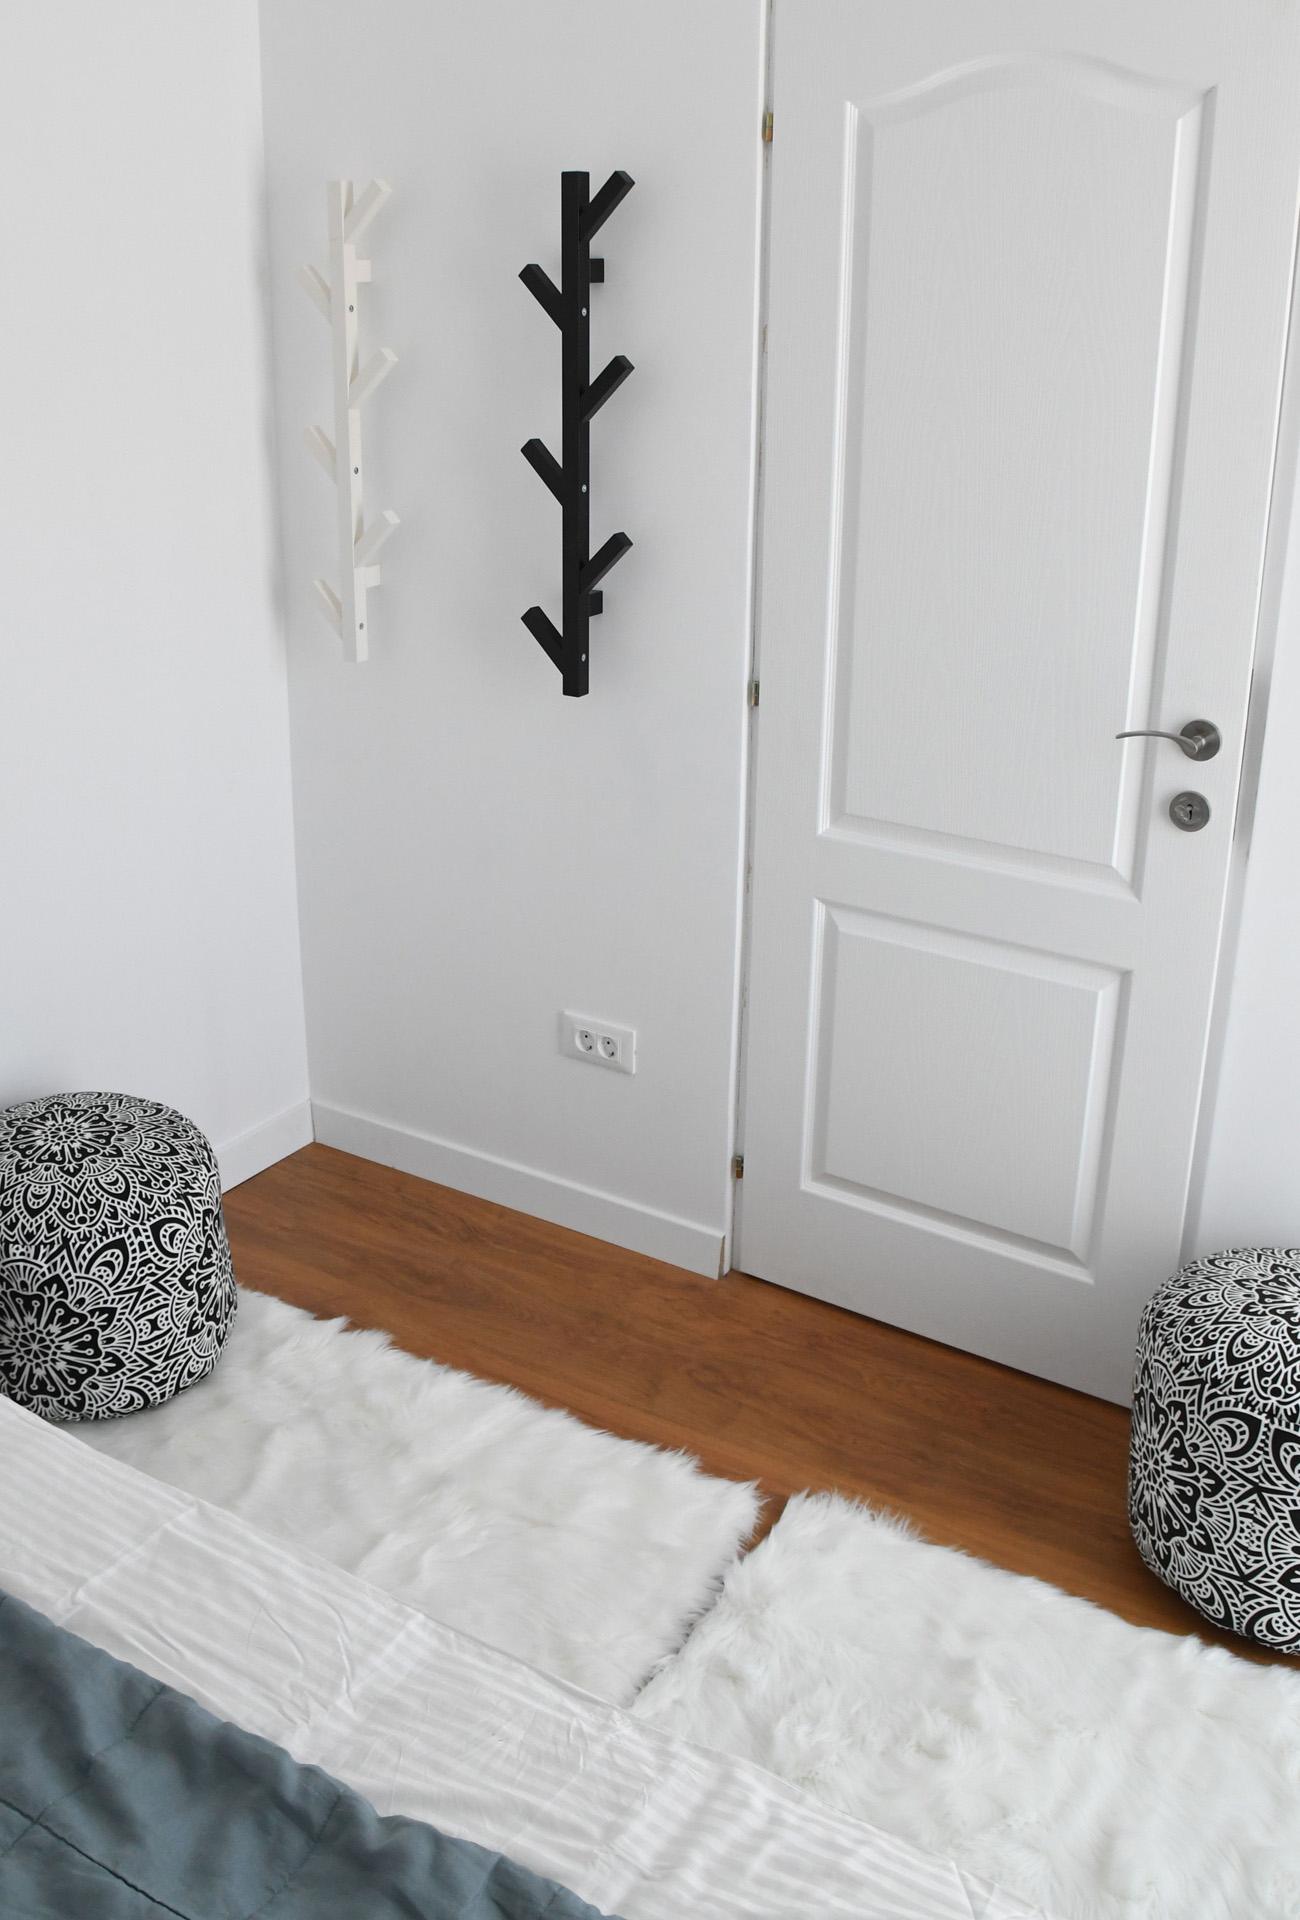 dormitor casă mobilă